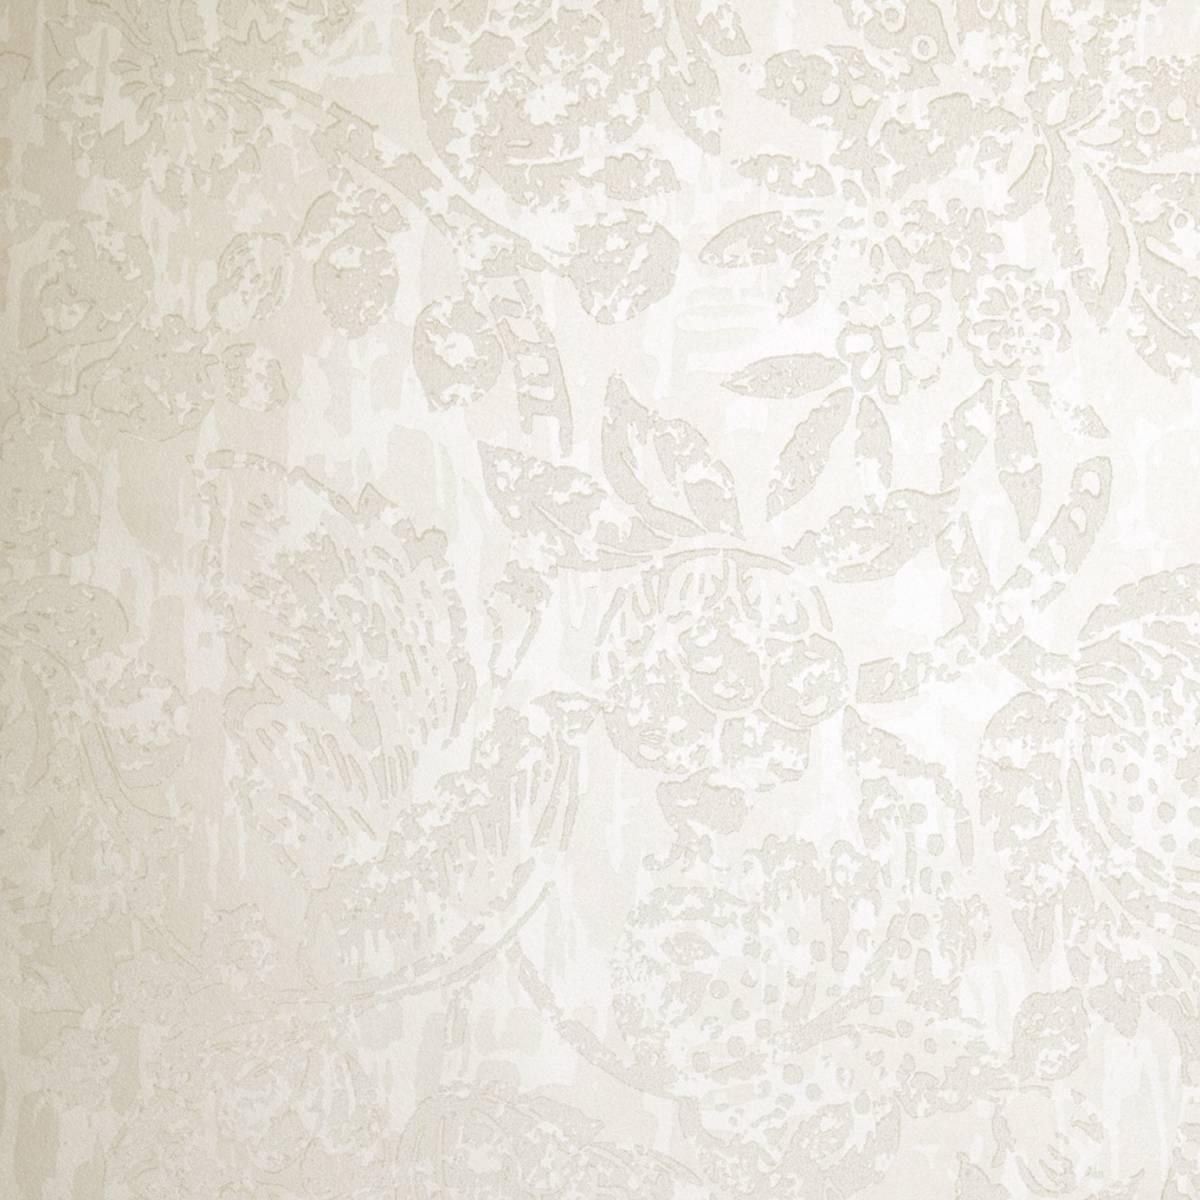 Fond D Ecran Papier Peint Ivoire 1200x1200 Wallpapertip